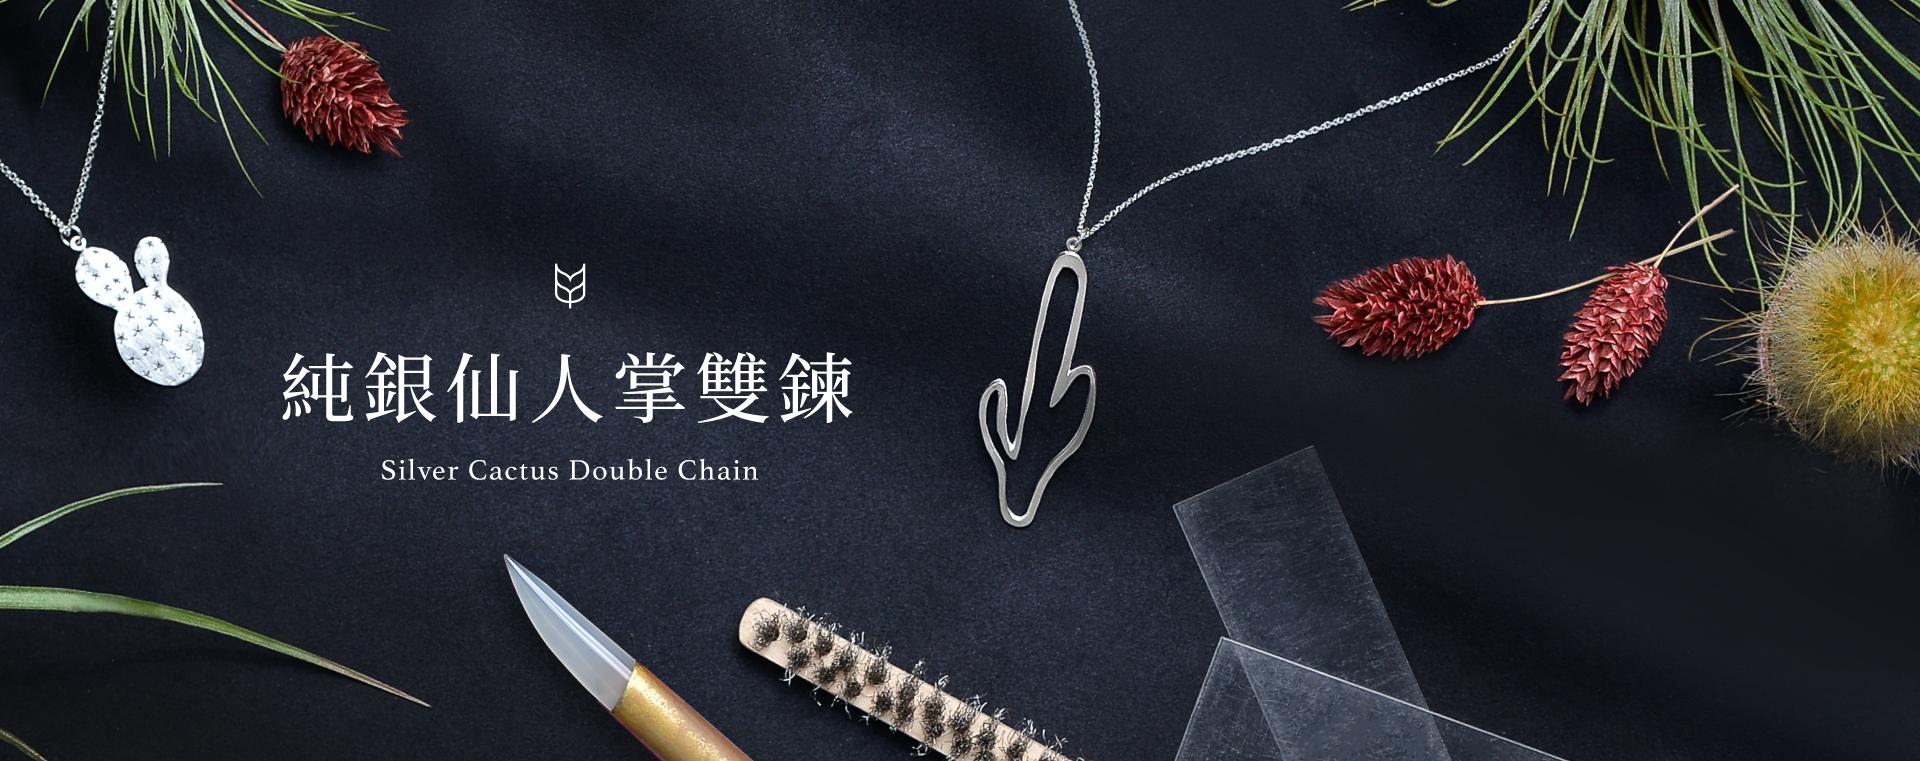 純銀仙人掌雙鍊手作課程,自己創造屬於自己的銀飾,仙人掌形狀